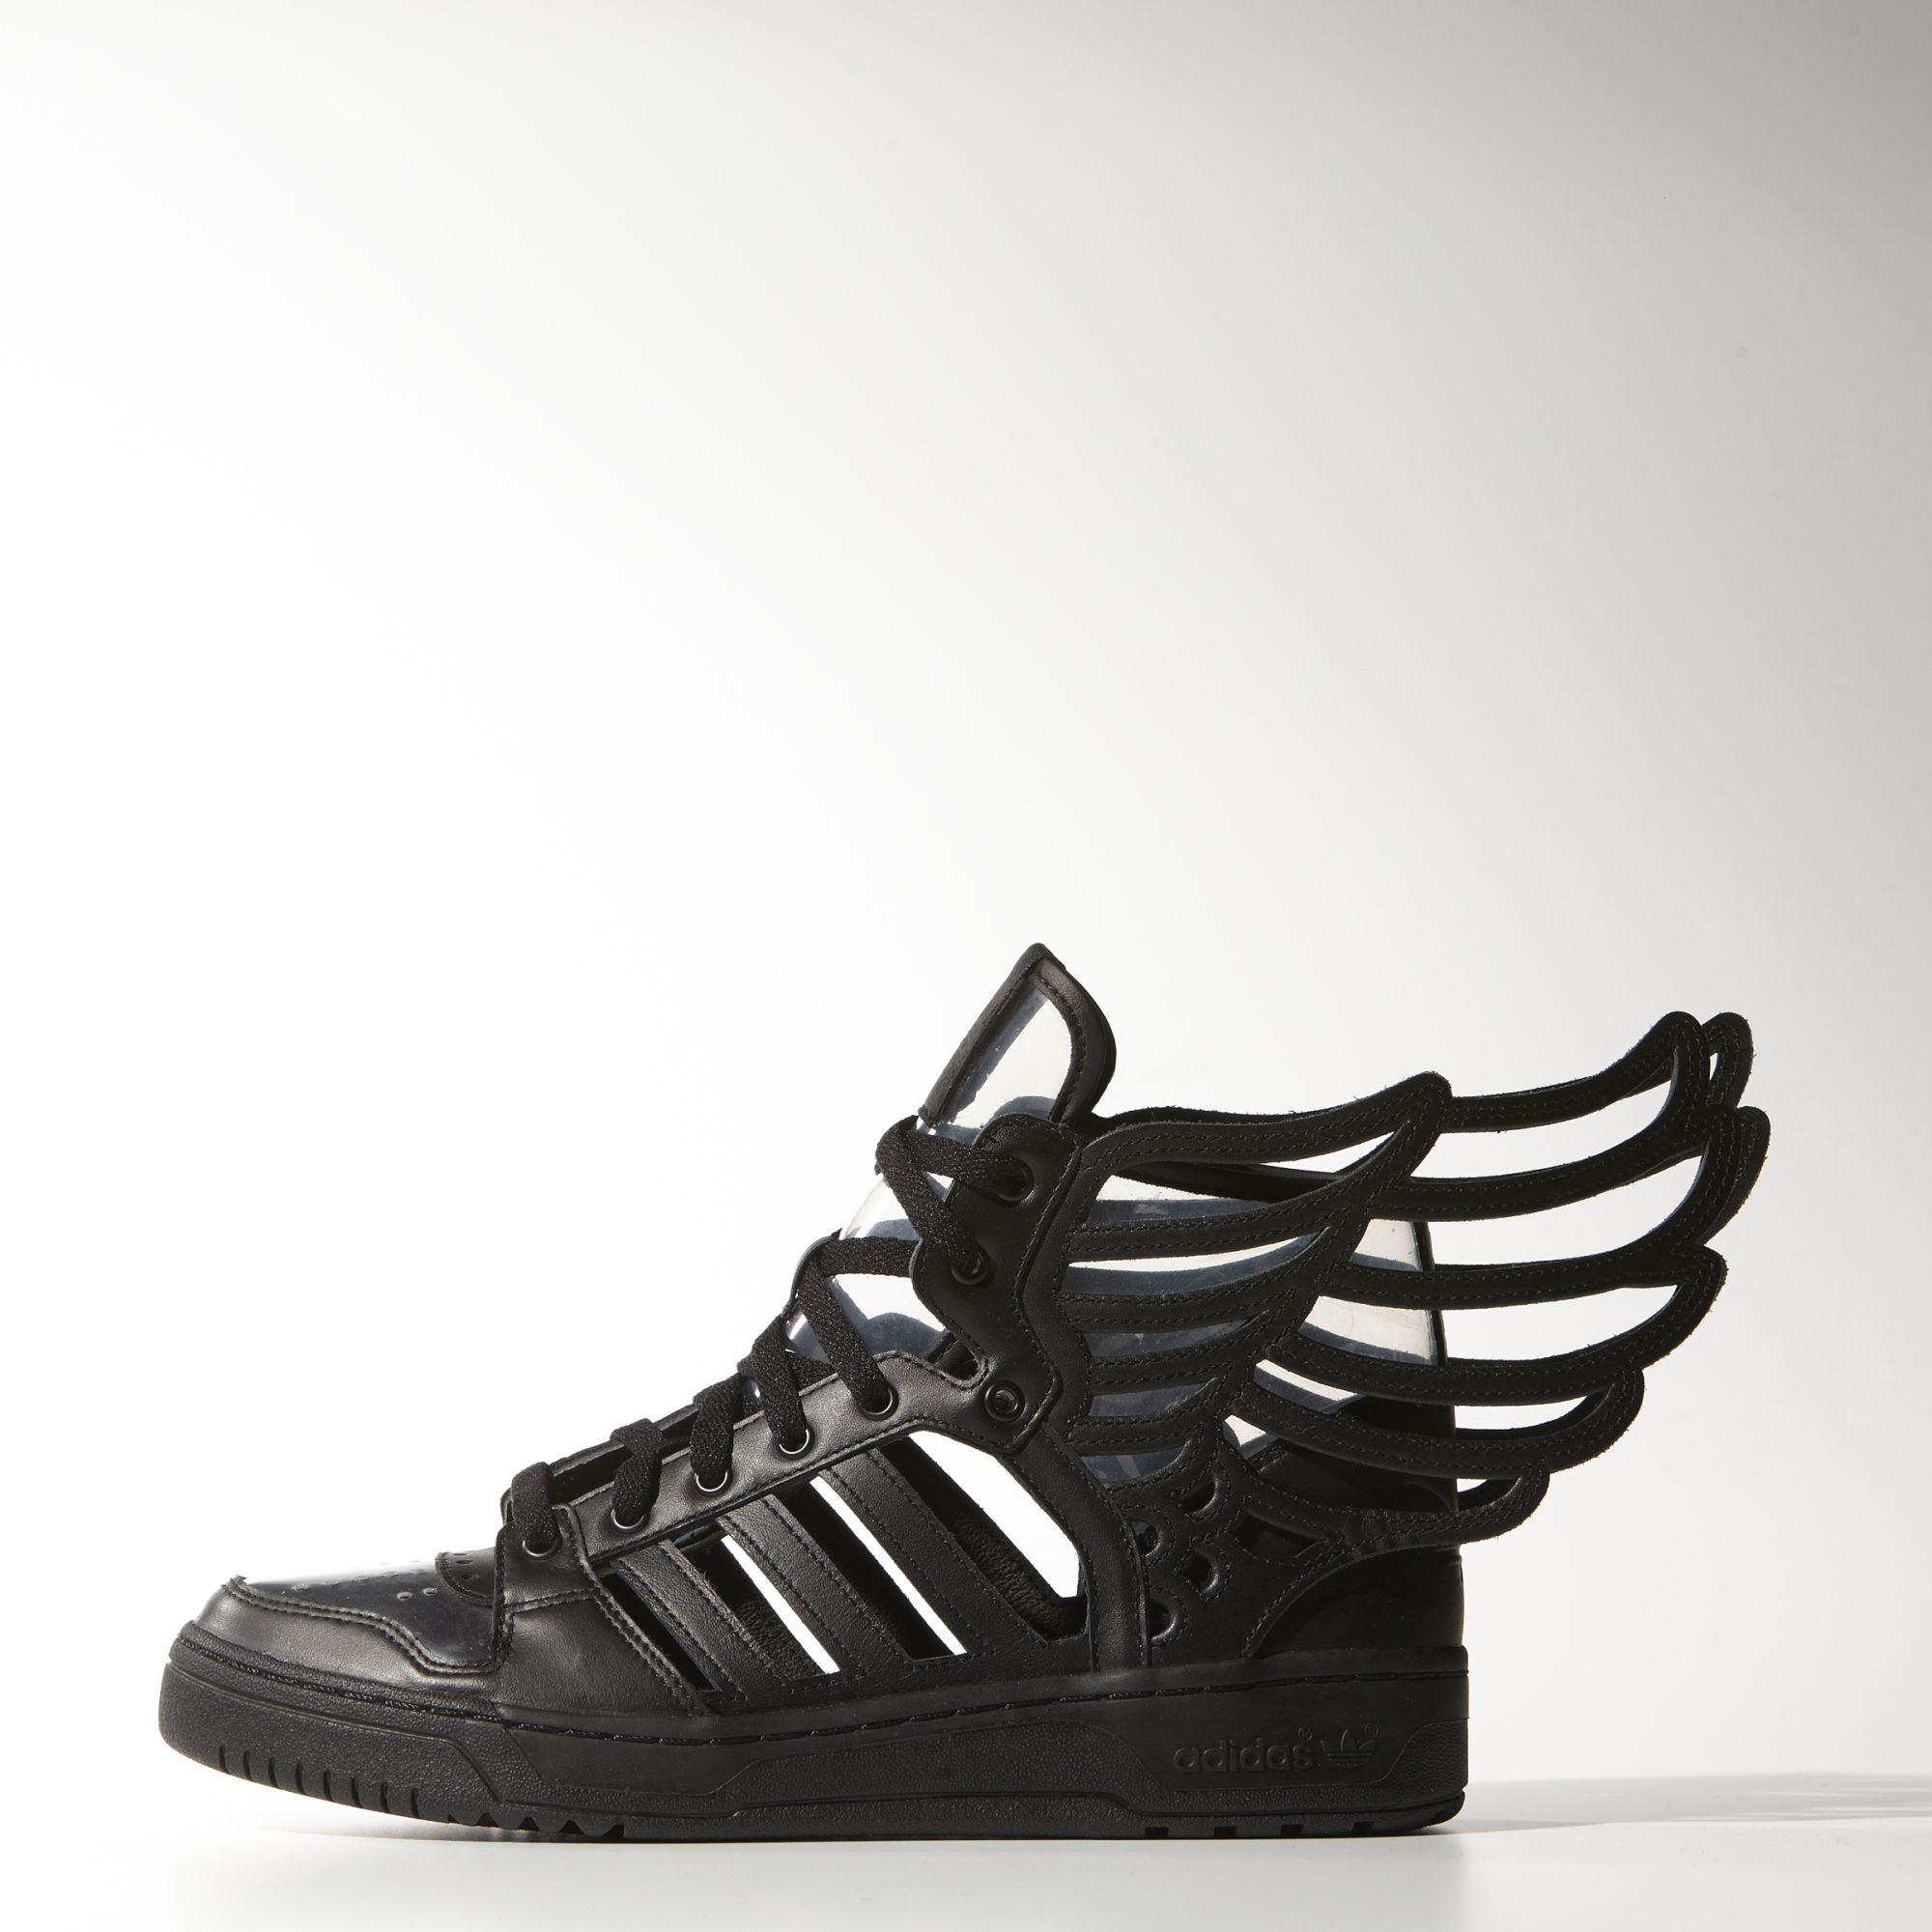 Adidas zapatos adidas mujer Pinterest adidas zapatos, Adidas